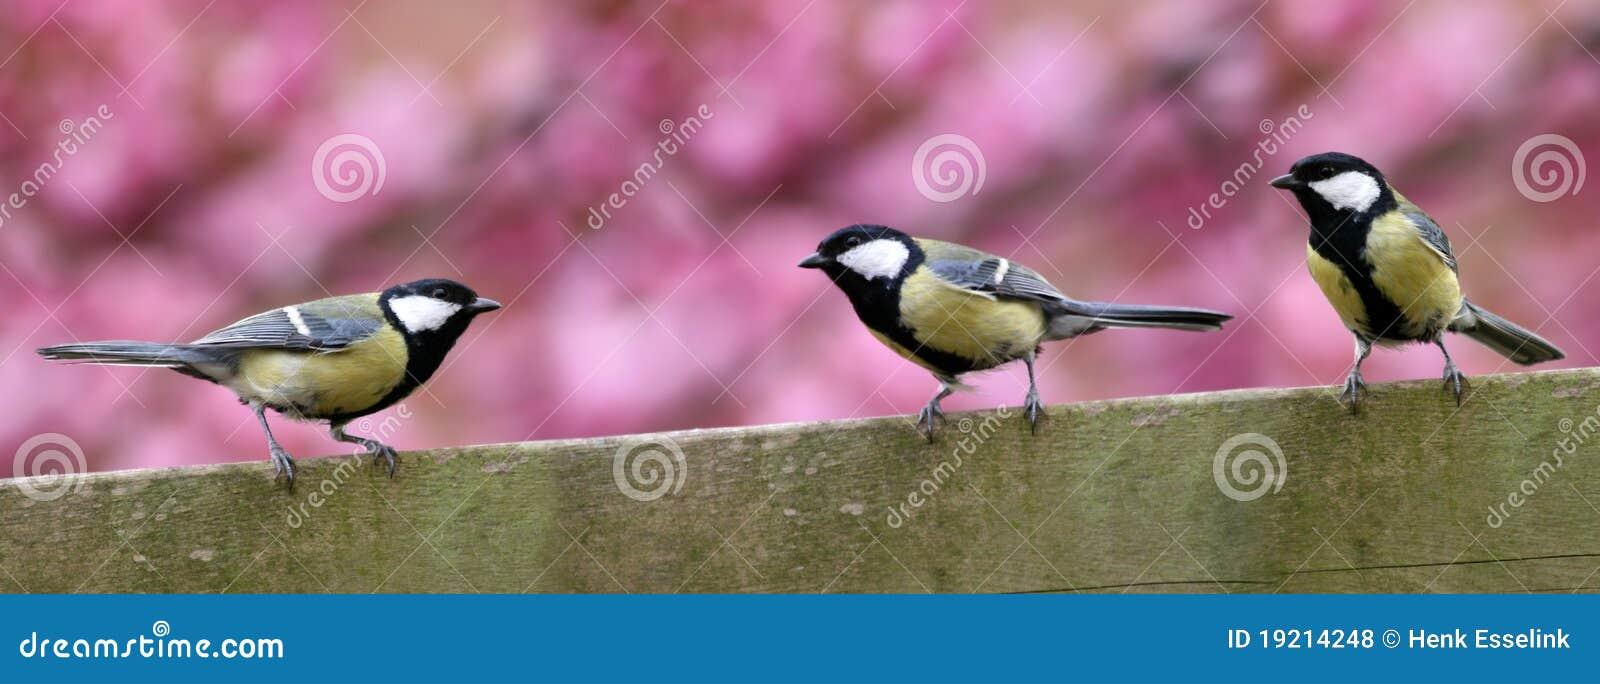 Fåglar fäktar trädgård tre